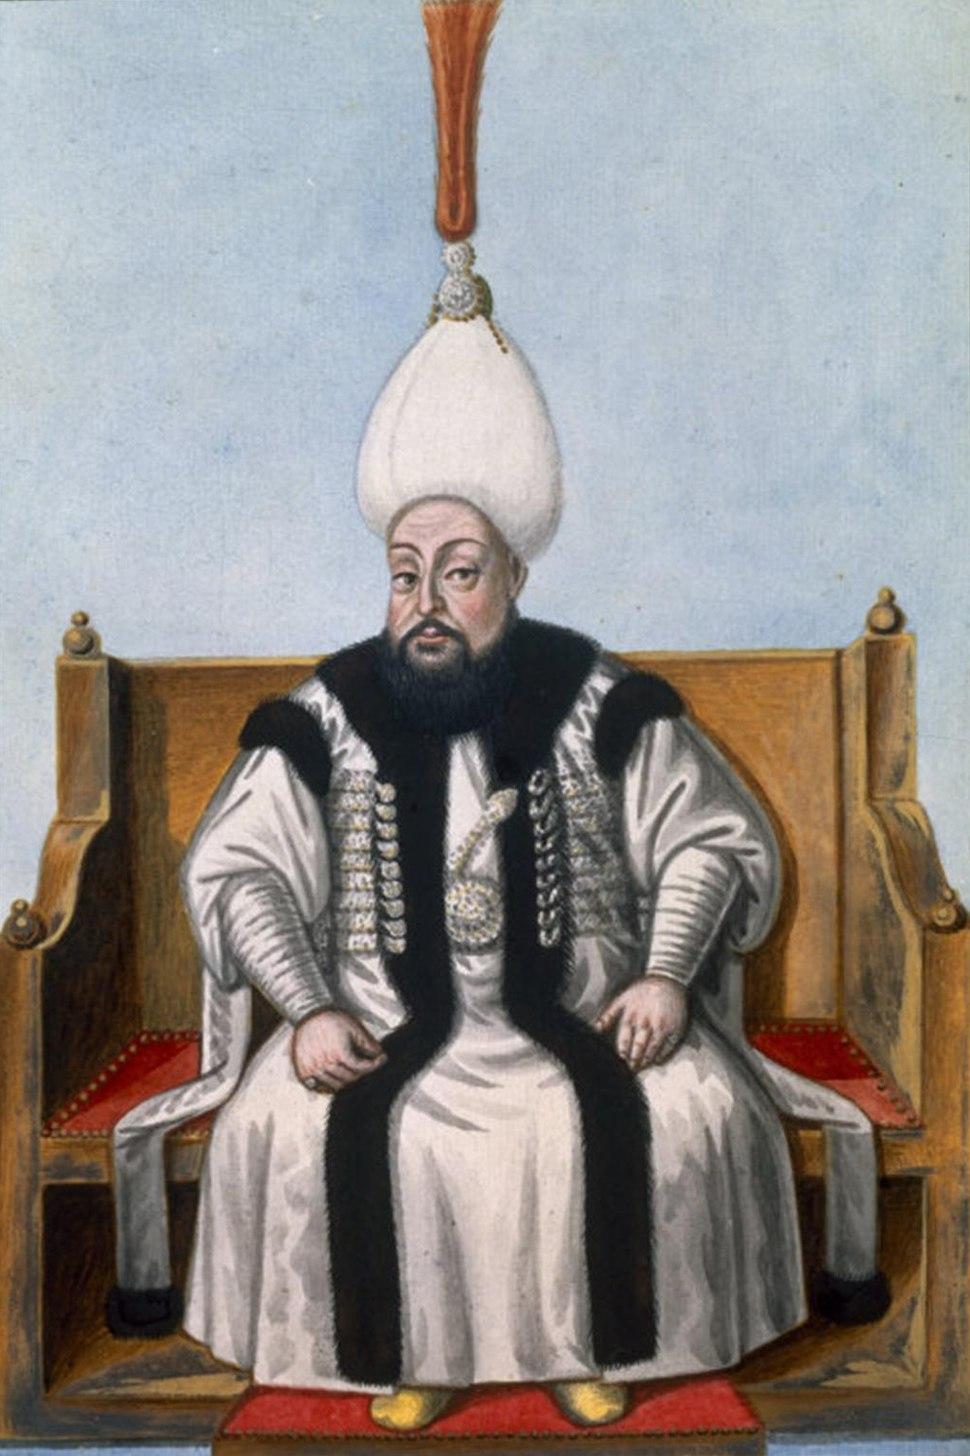 Mustafa III by John Young